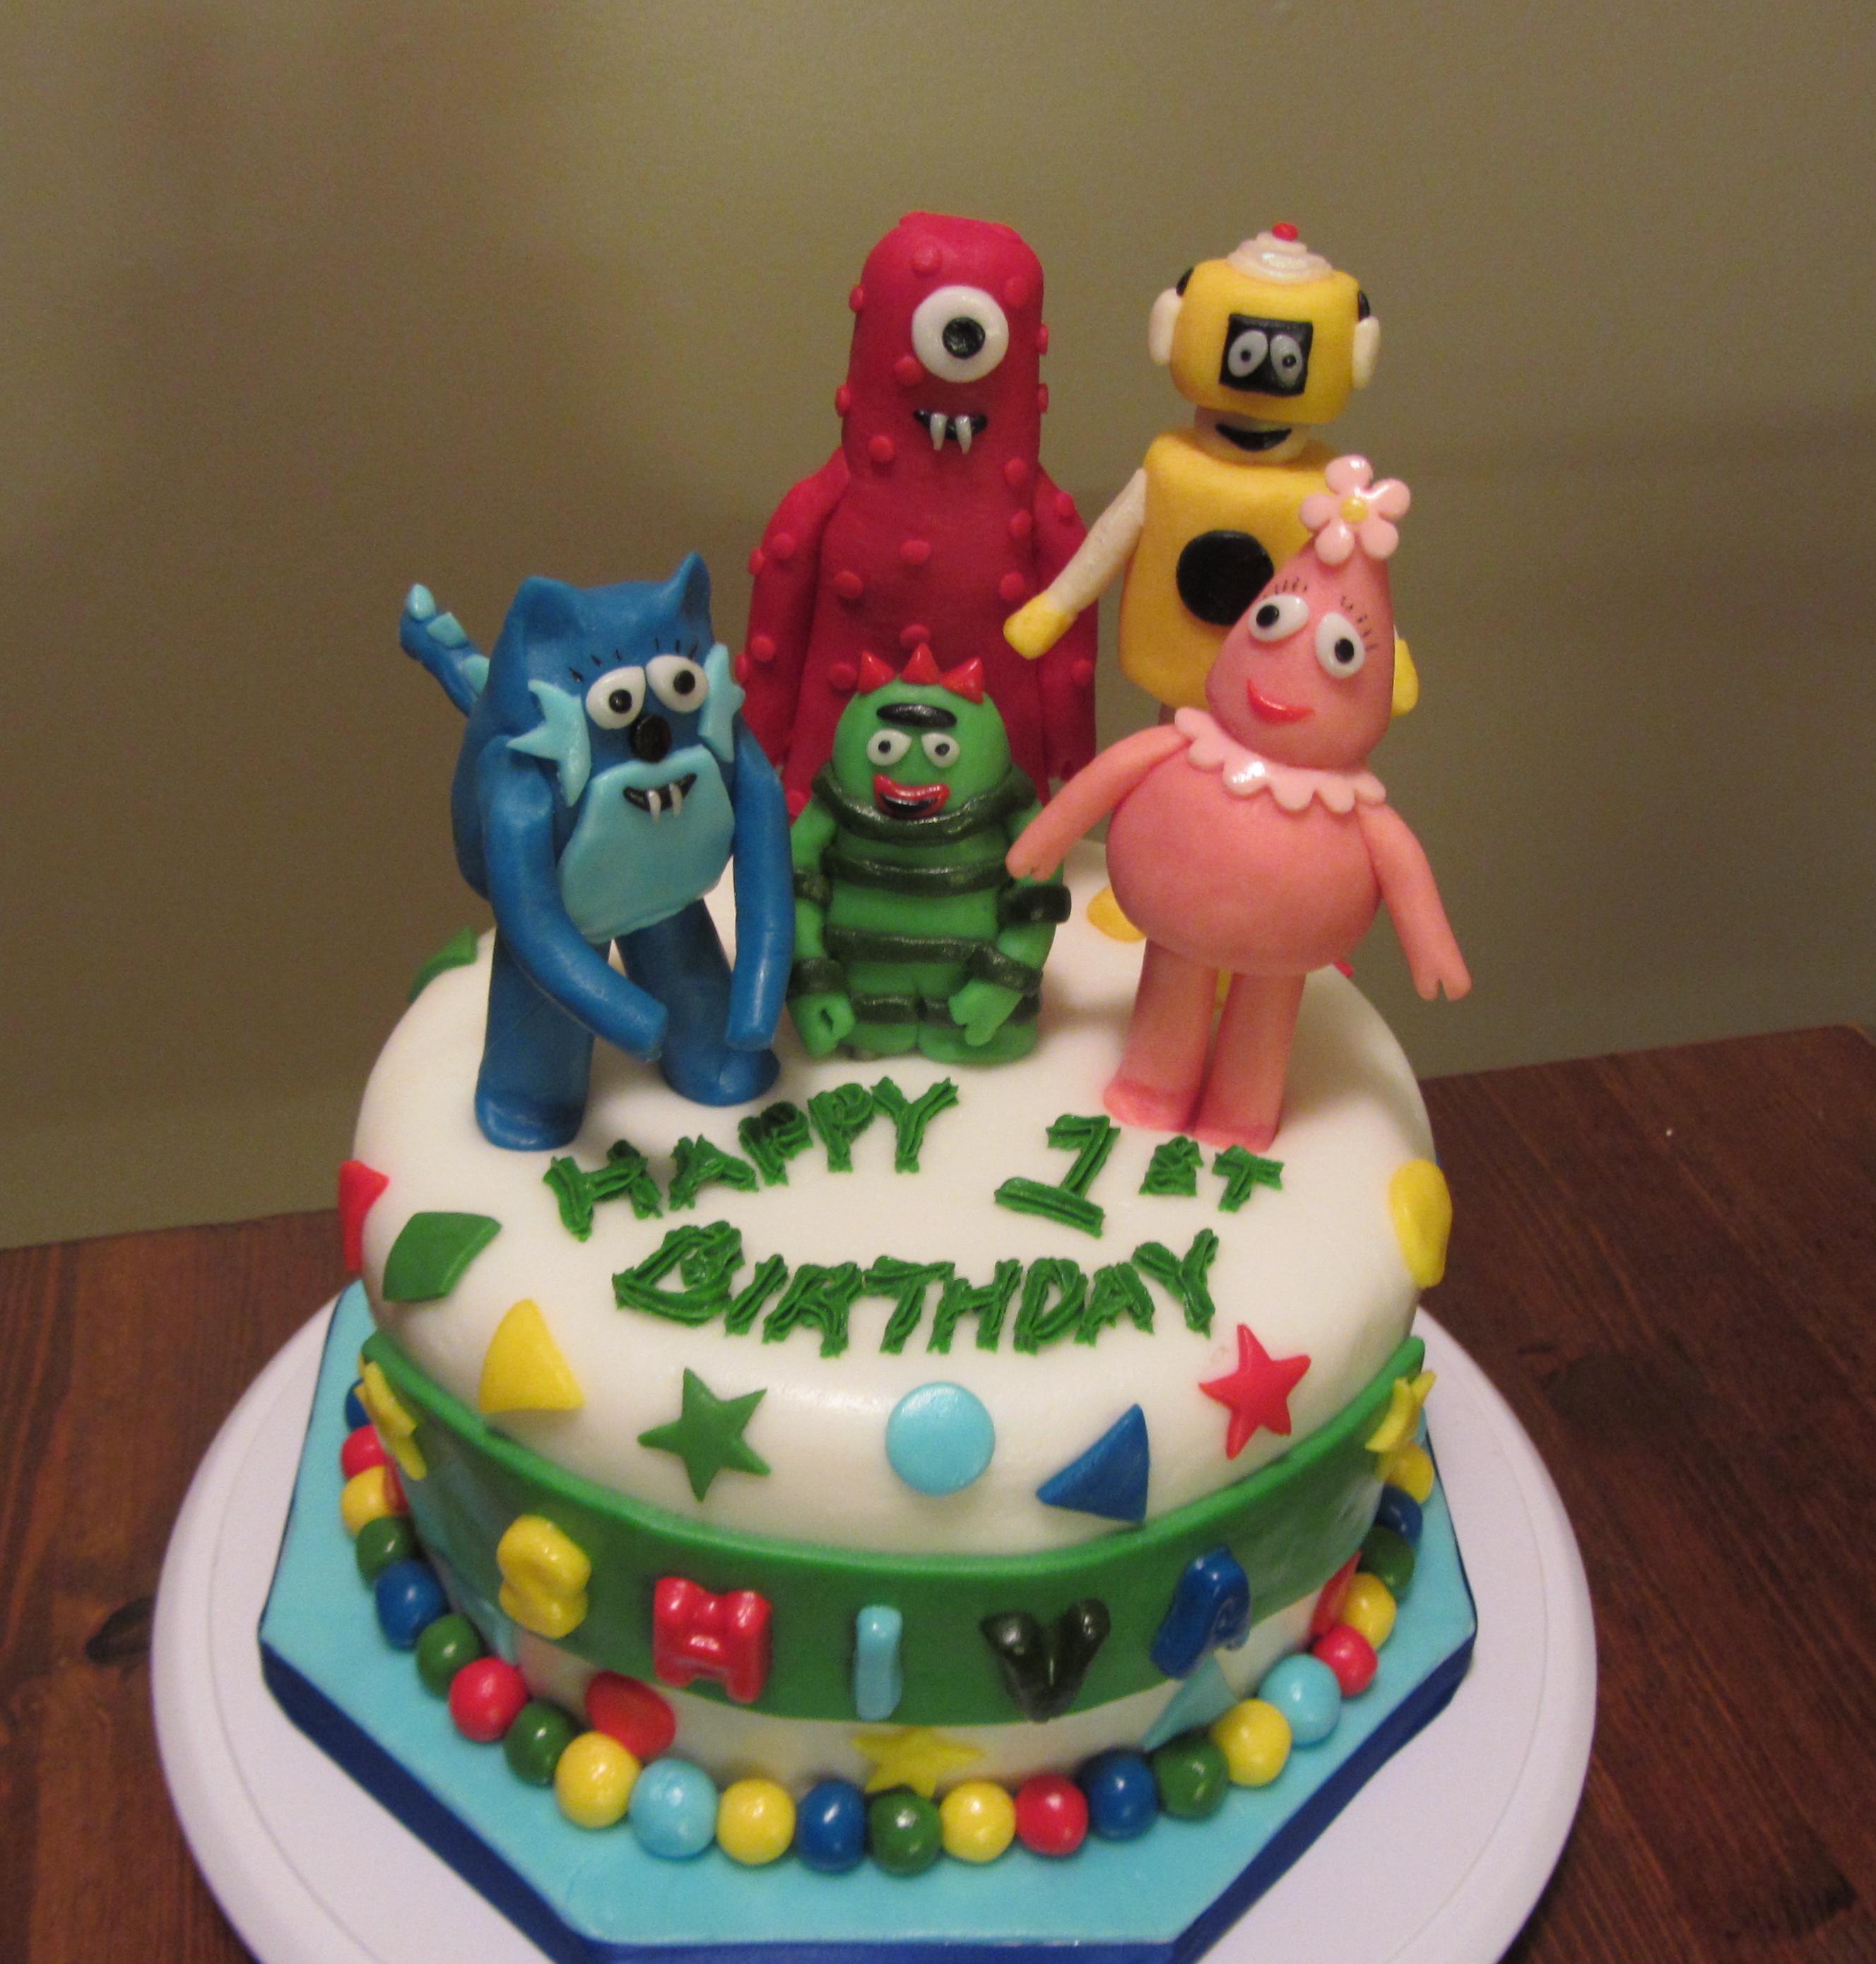 10 Gorgeous Yo Gabba Gabba Cakes Ideas yo gabba gabba cake party sweets cake decorating 2020